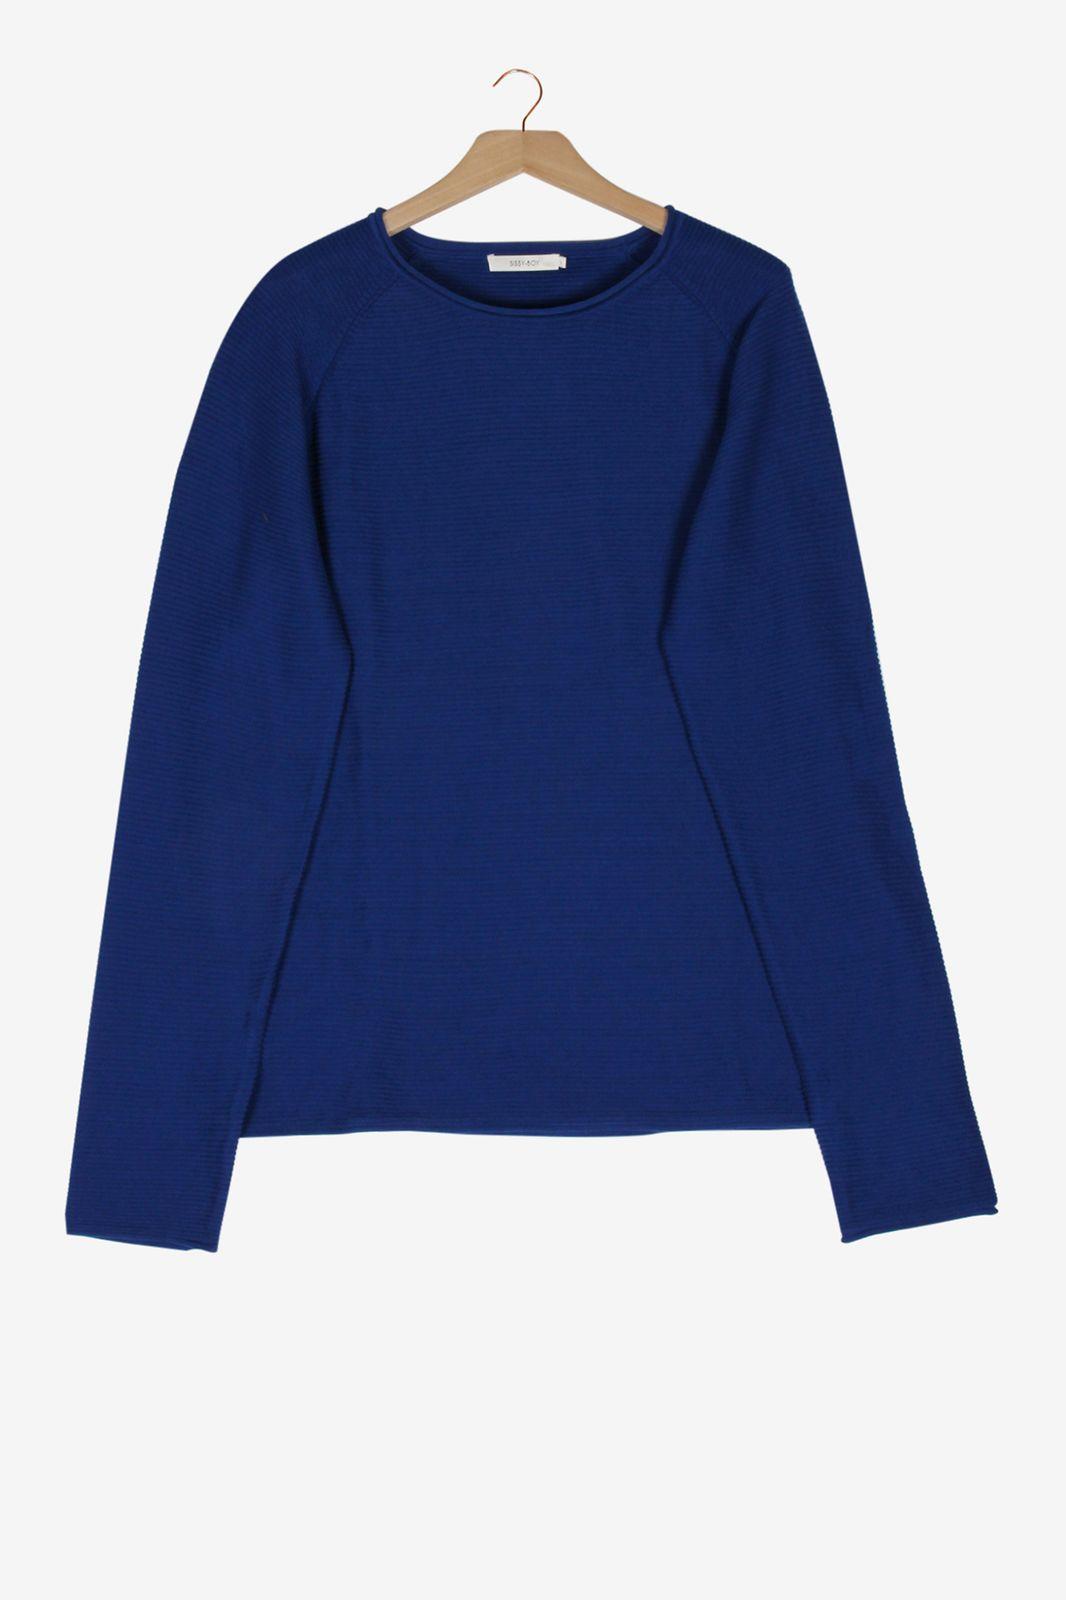 Marineblauwe rib knit sweater